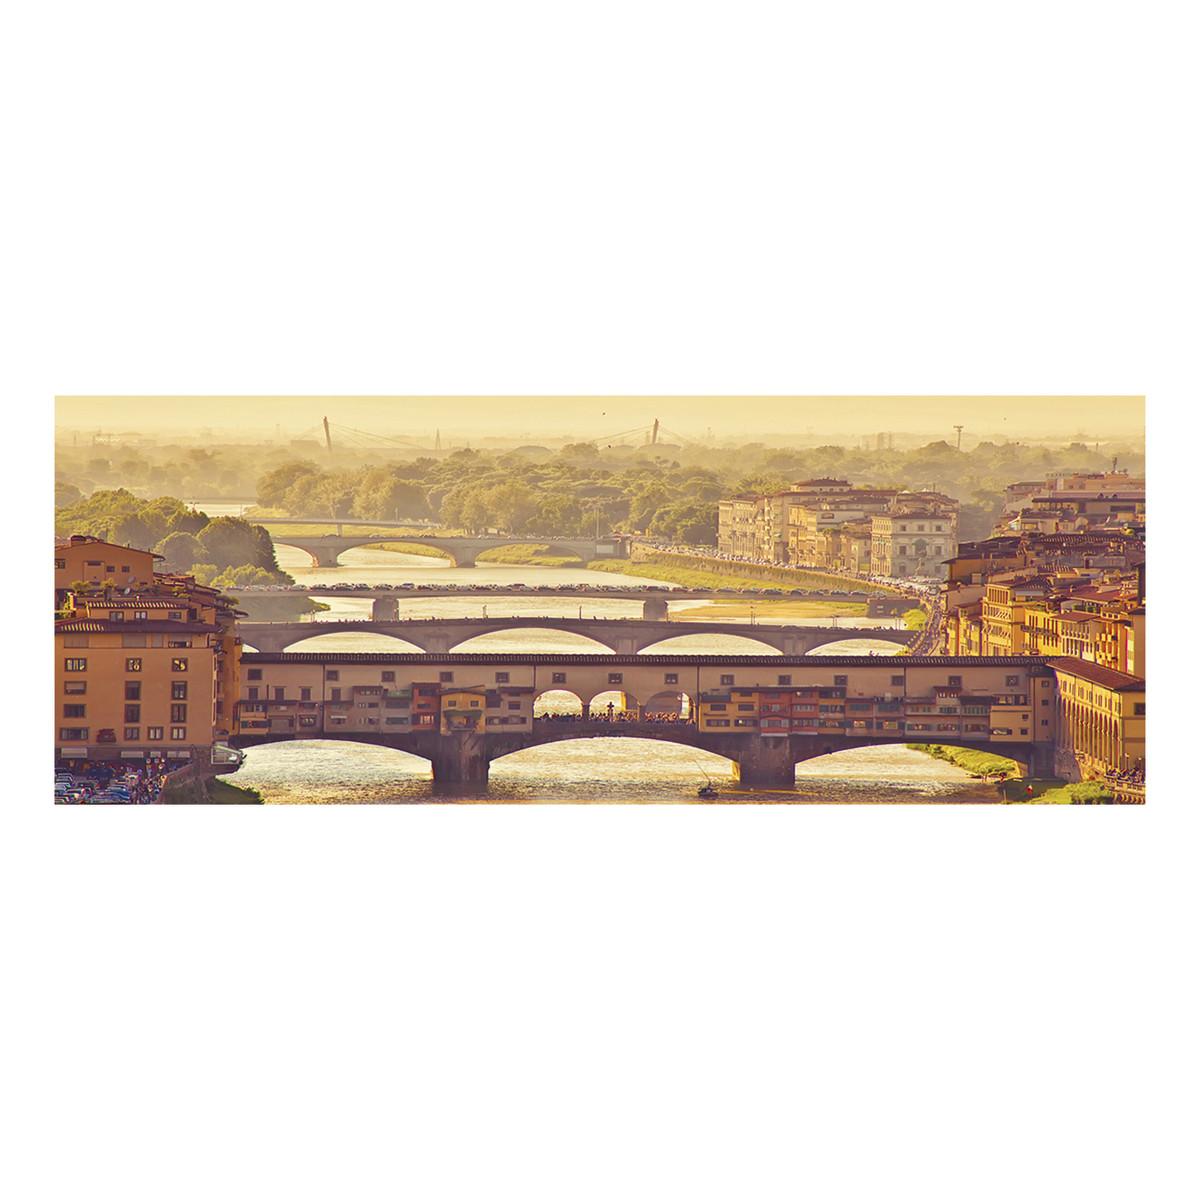 Stampa su tela firenze ponte vecchio 40x125 prezzi e offerte online - Canvas tuin leroy merlin ...